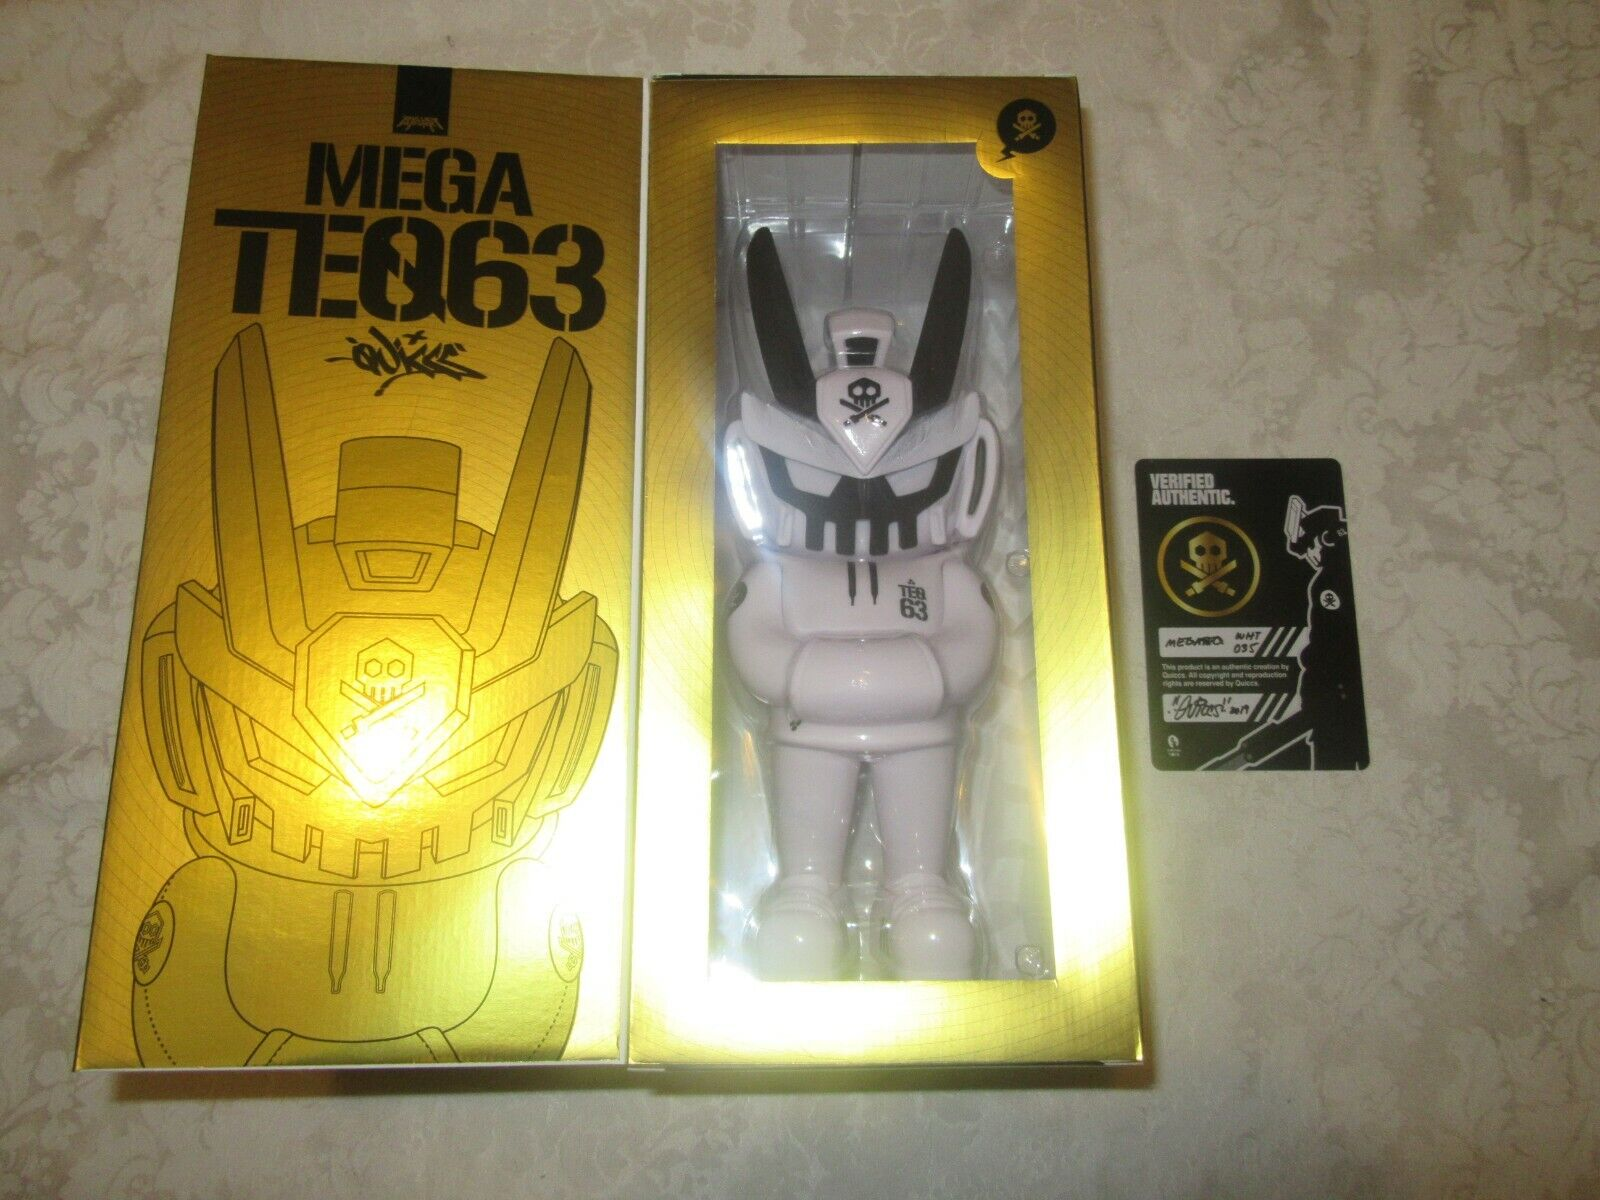 Martian Toys Five Points Fest Festival Mega Quiccs Teq63 12  Core Edition Weiß